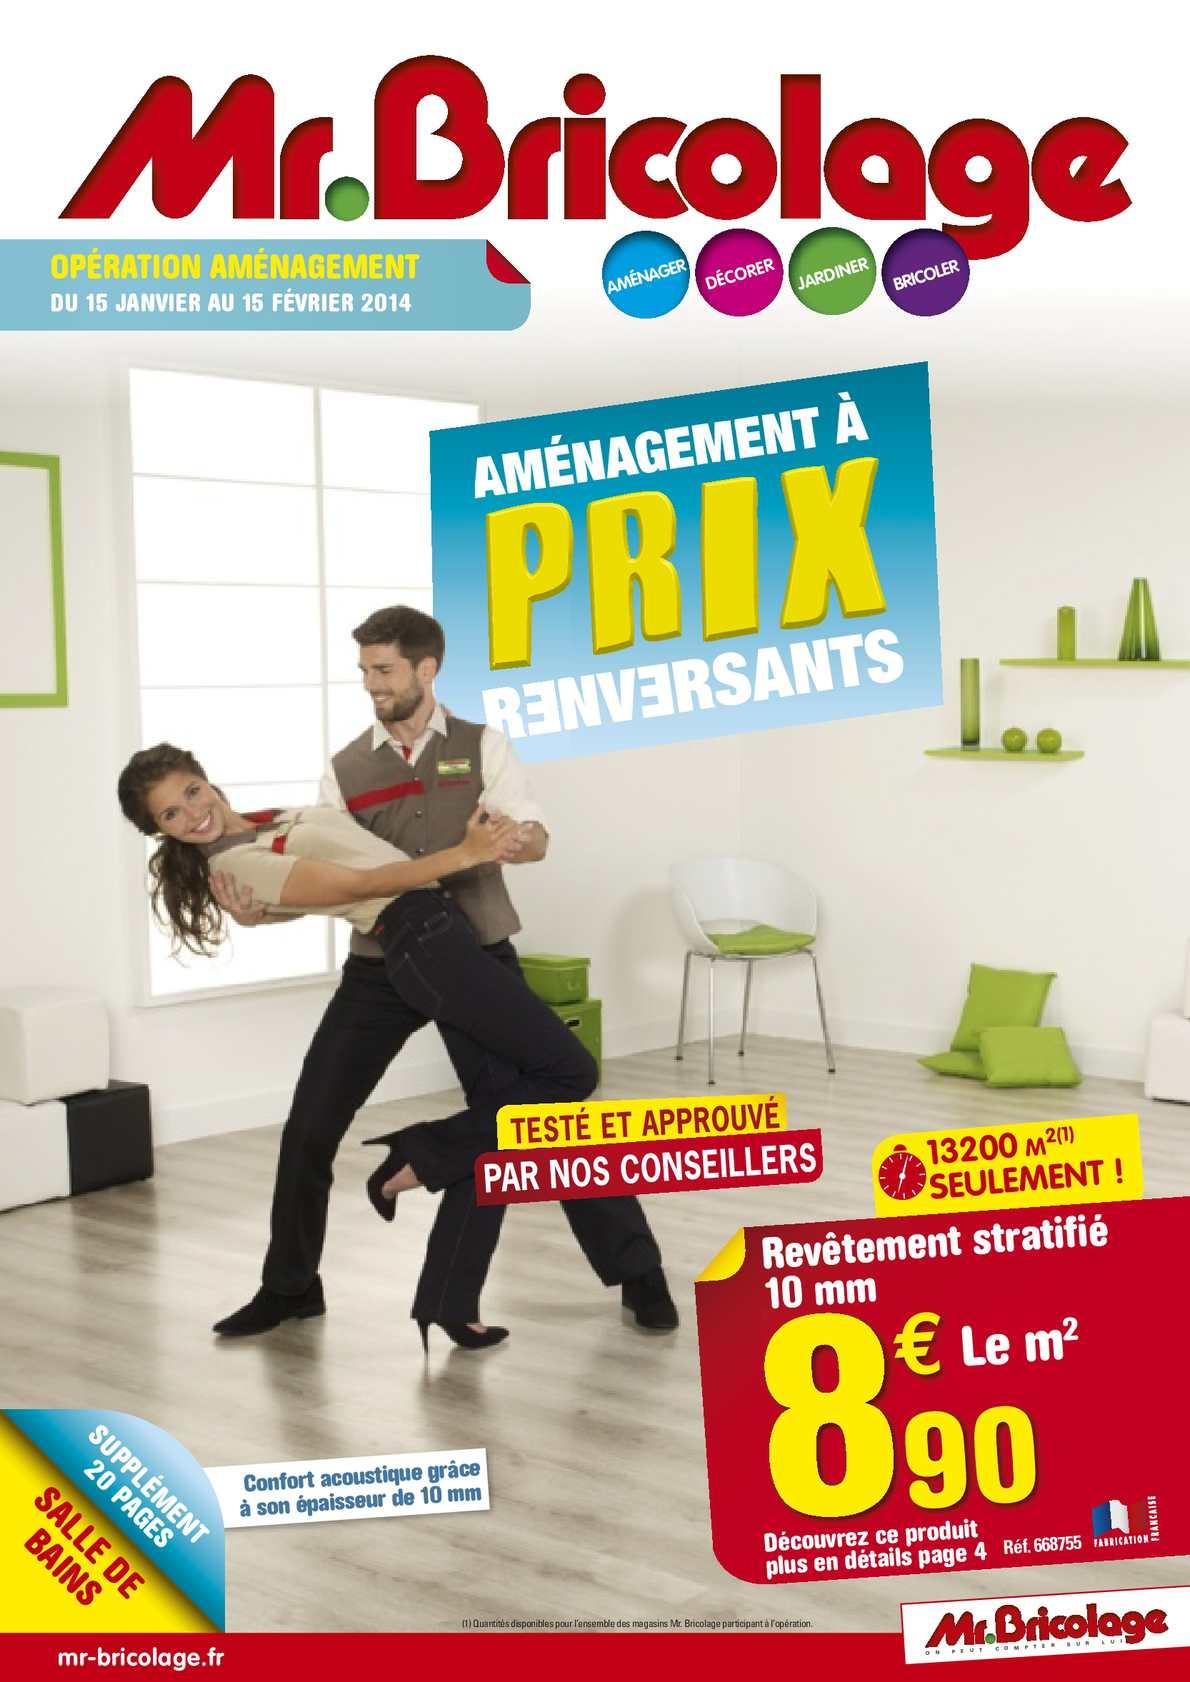 Calaméo Mr Bricolage Catalogue Aménagement 2014 48 Pages